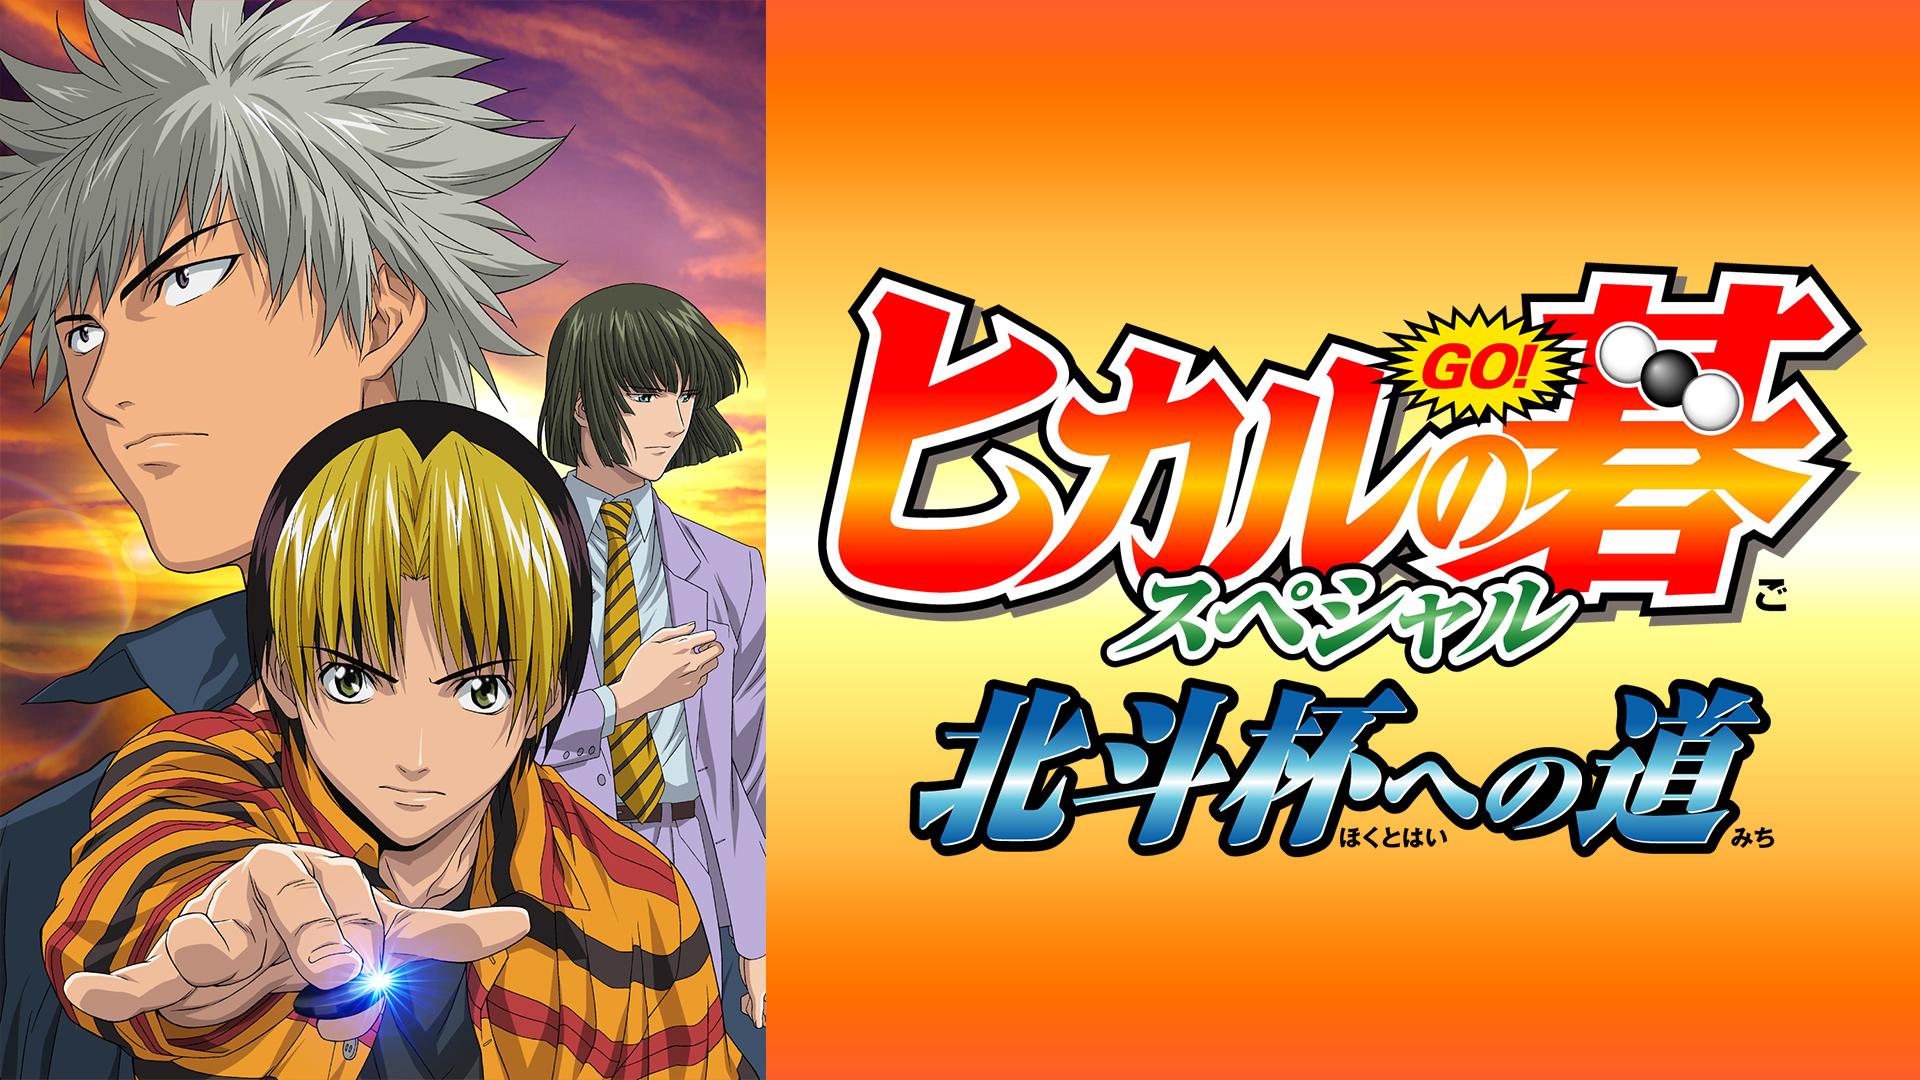 ヒカルの碁スペシャル 北斗杯への道(dアニメストア)